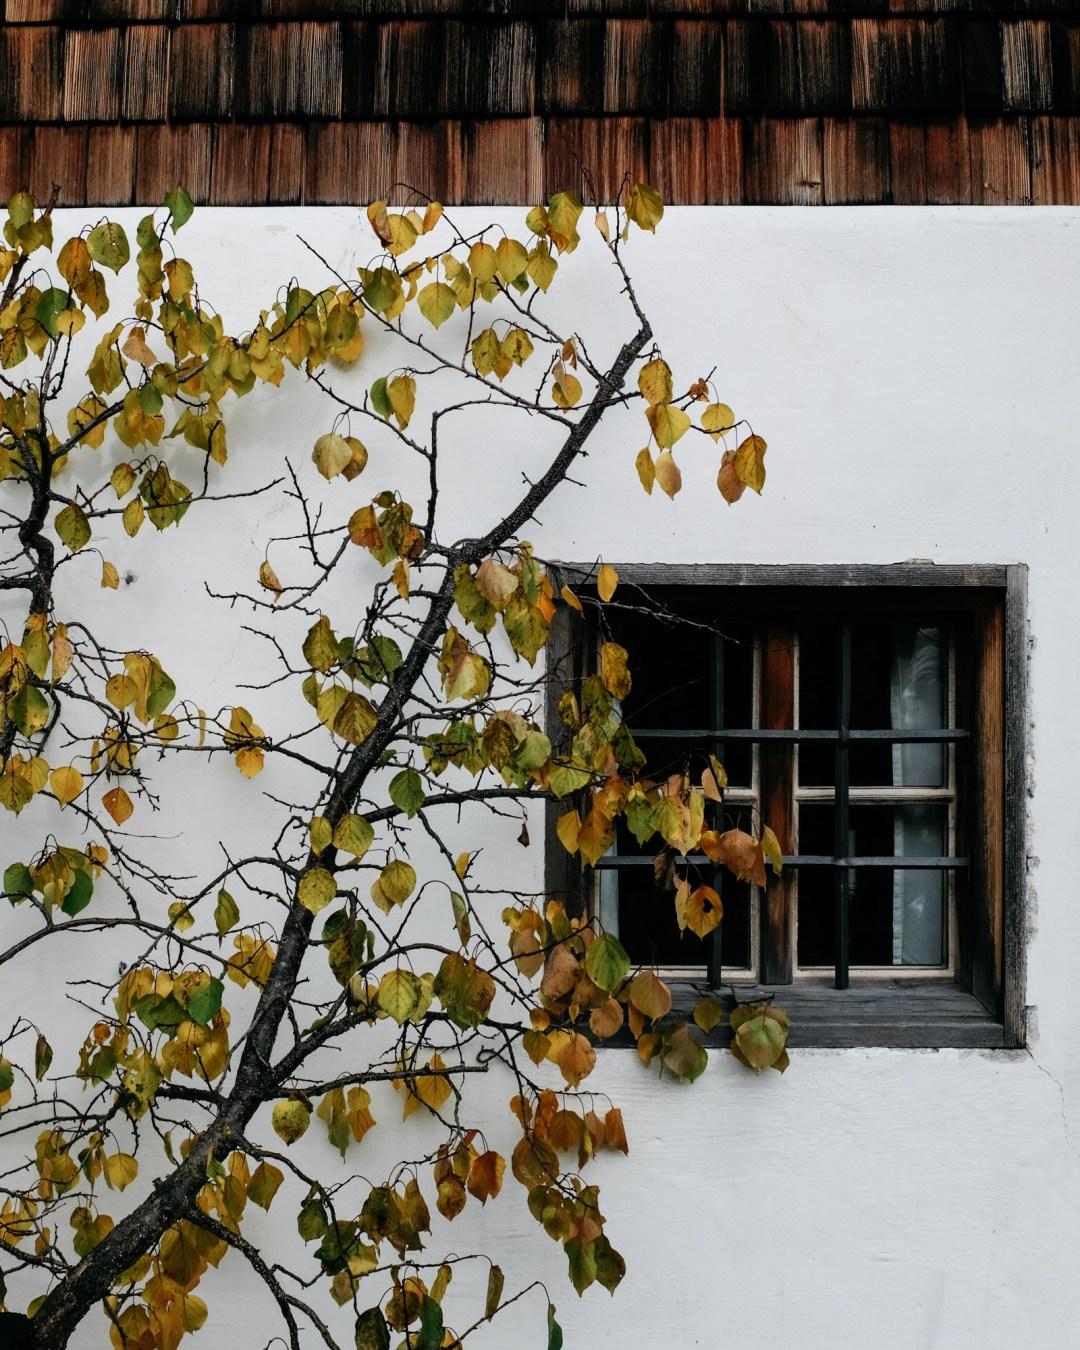 DSCF0471.herbstliebe autumnlover salzburgerland